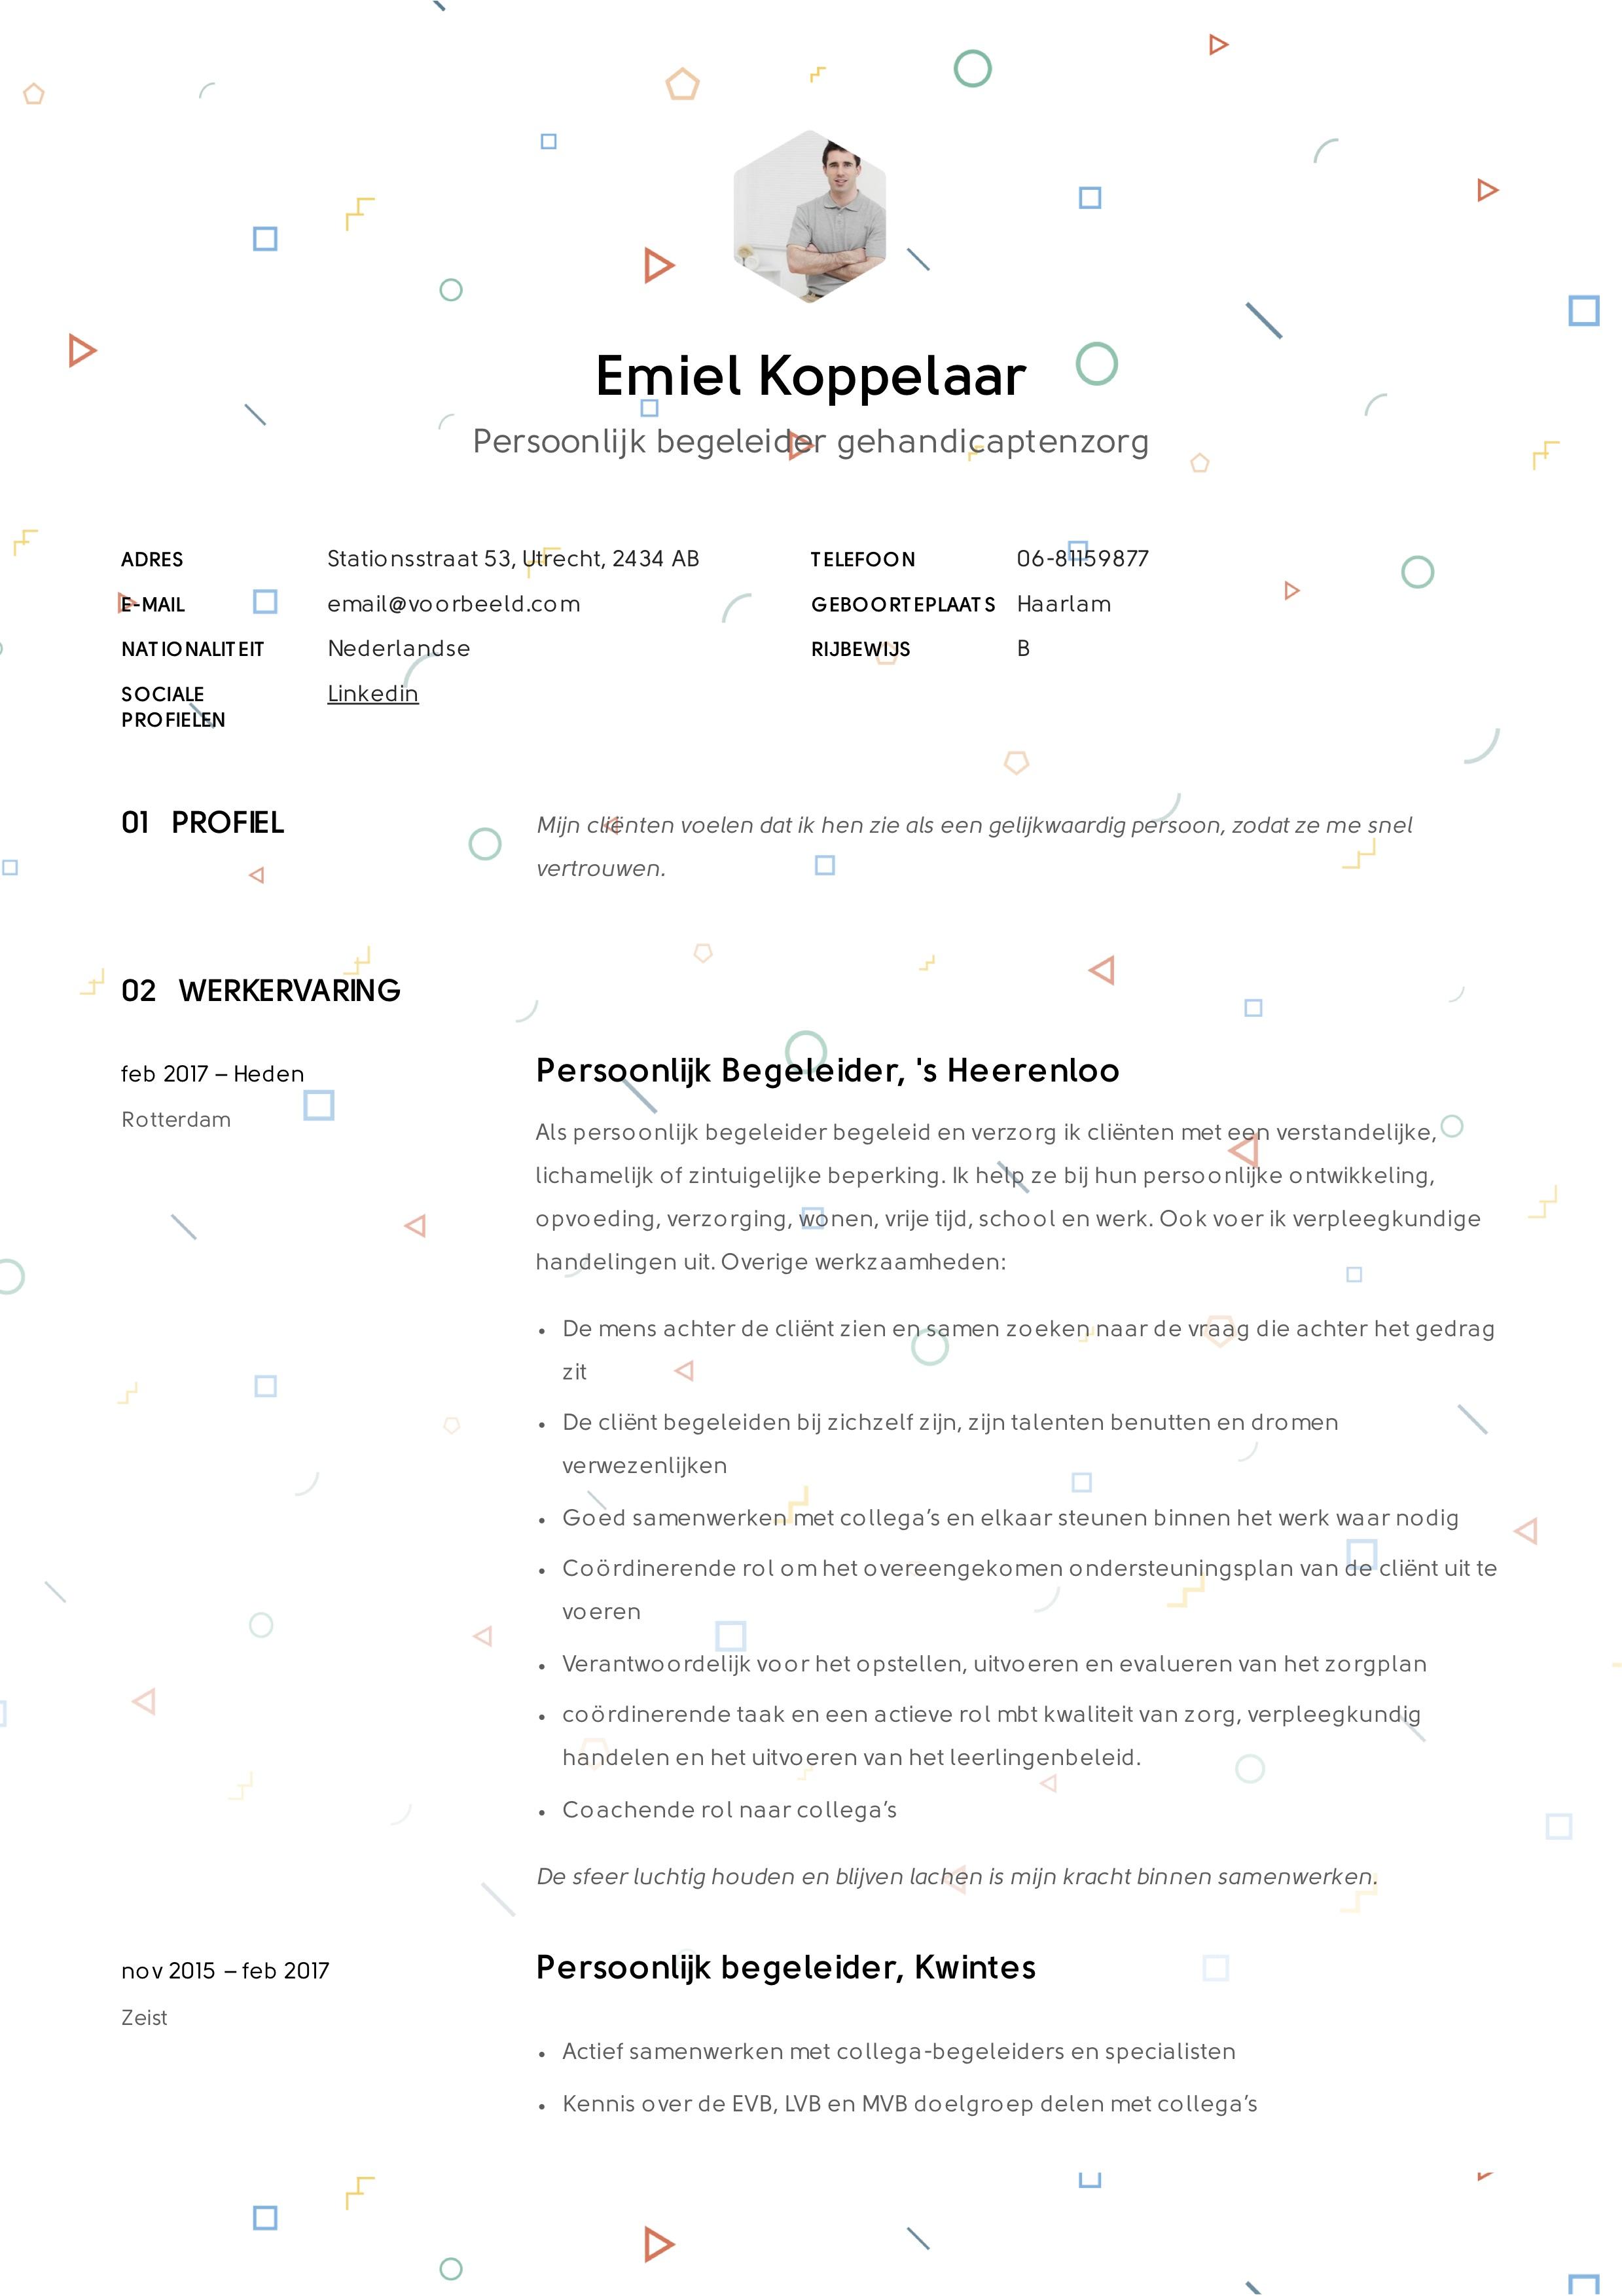 Emiel_Koppelaar_-_CV_-_Persoonlijk_begeleider_gehandicaptenzorg (7)